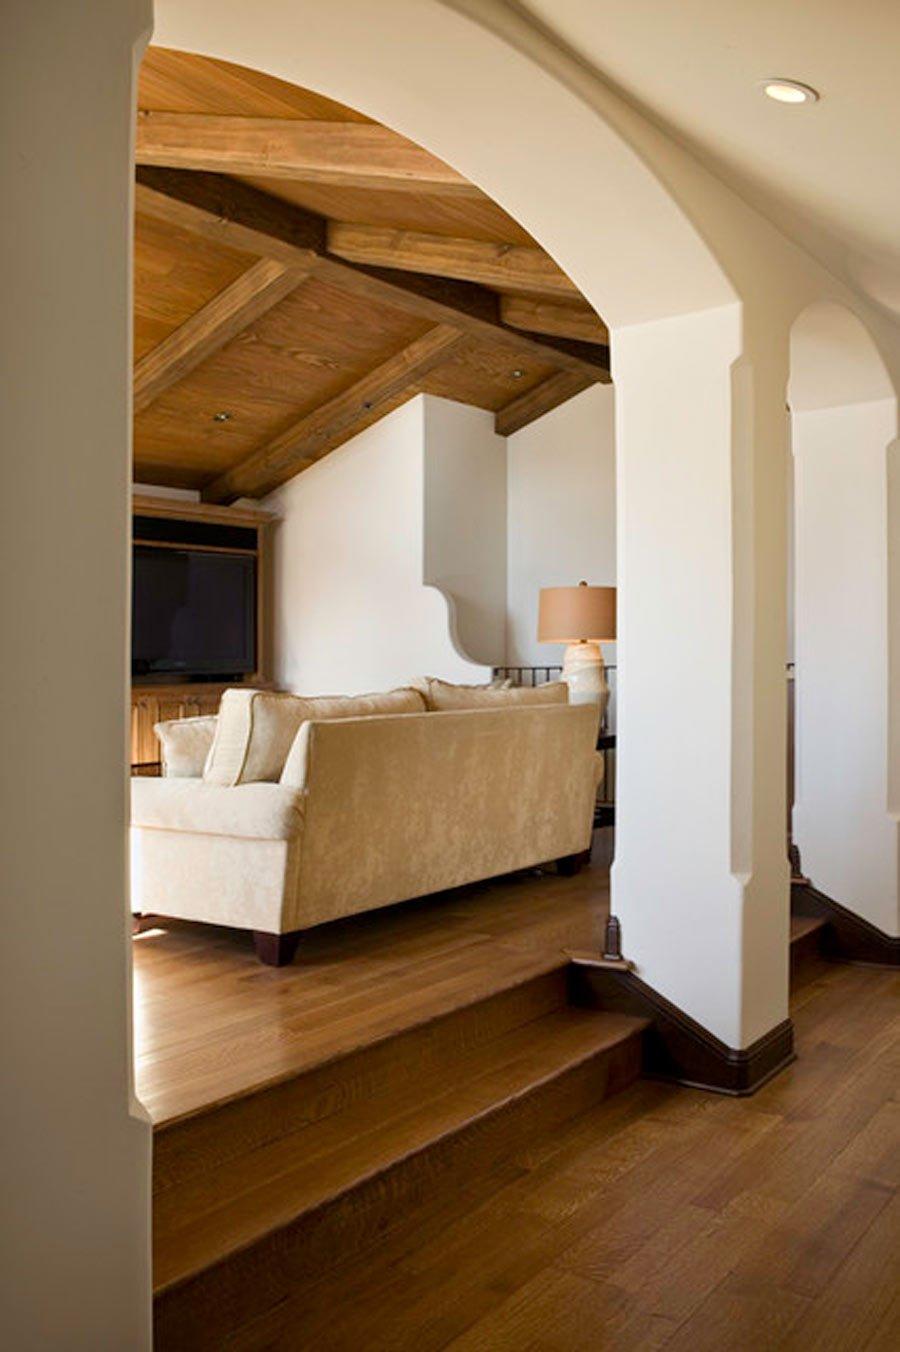 نمونه ایده برای ساخت دکور ستون خانه